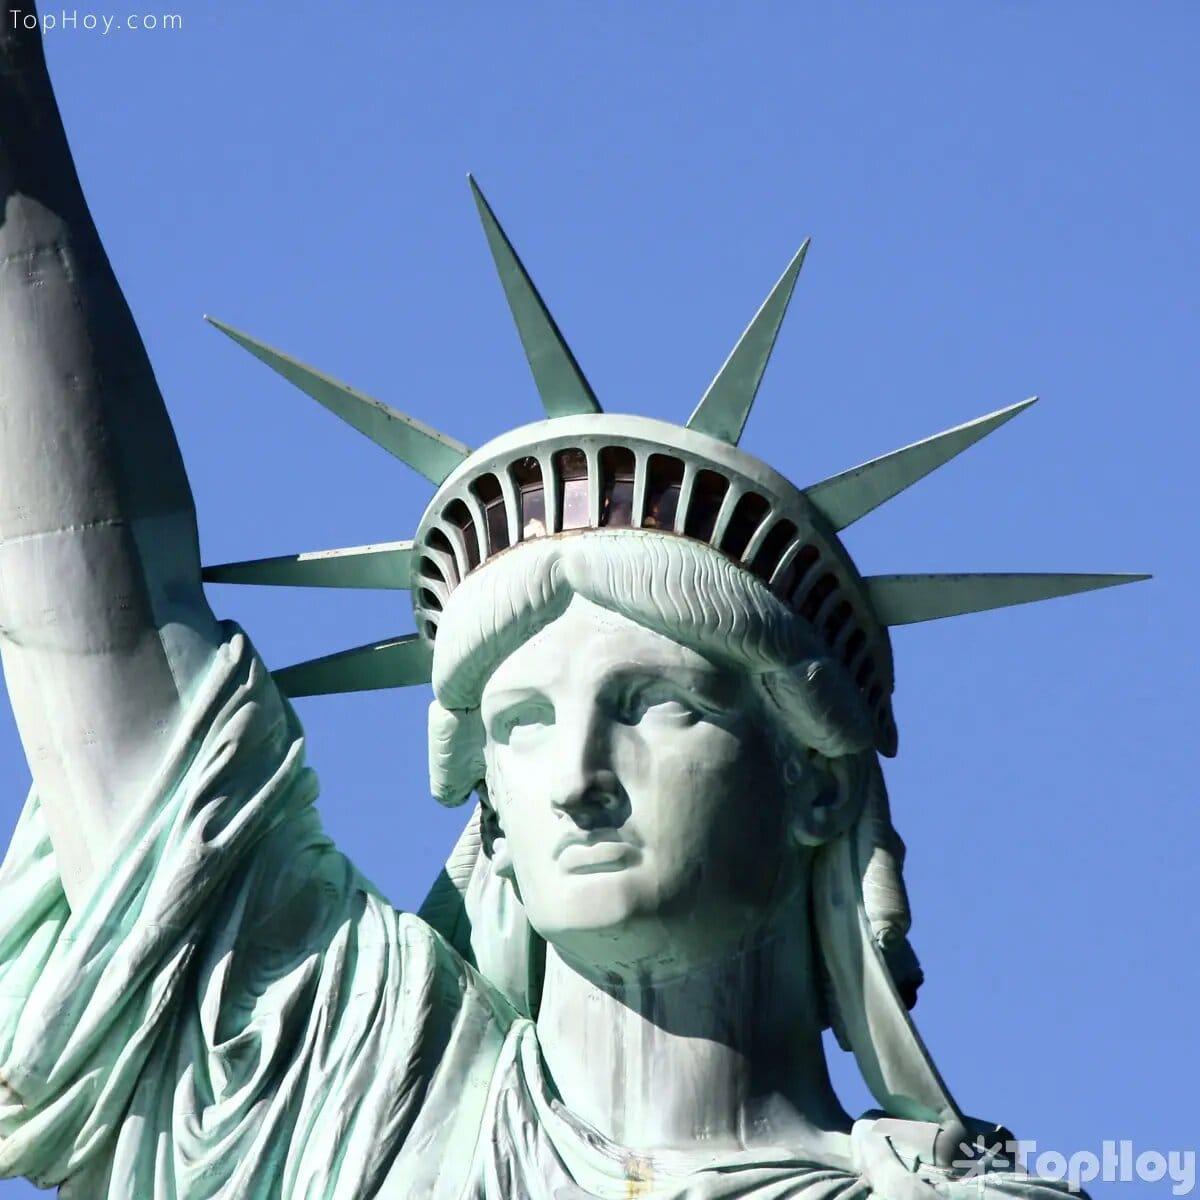 Los siete rayos de la corona de la estatua representan los siete mares y continentes del mundo.